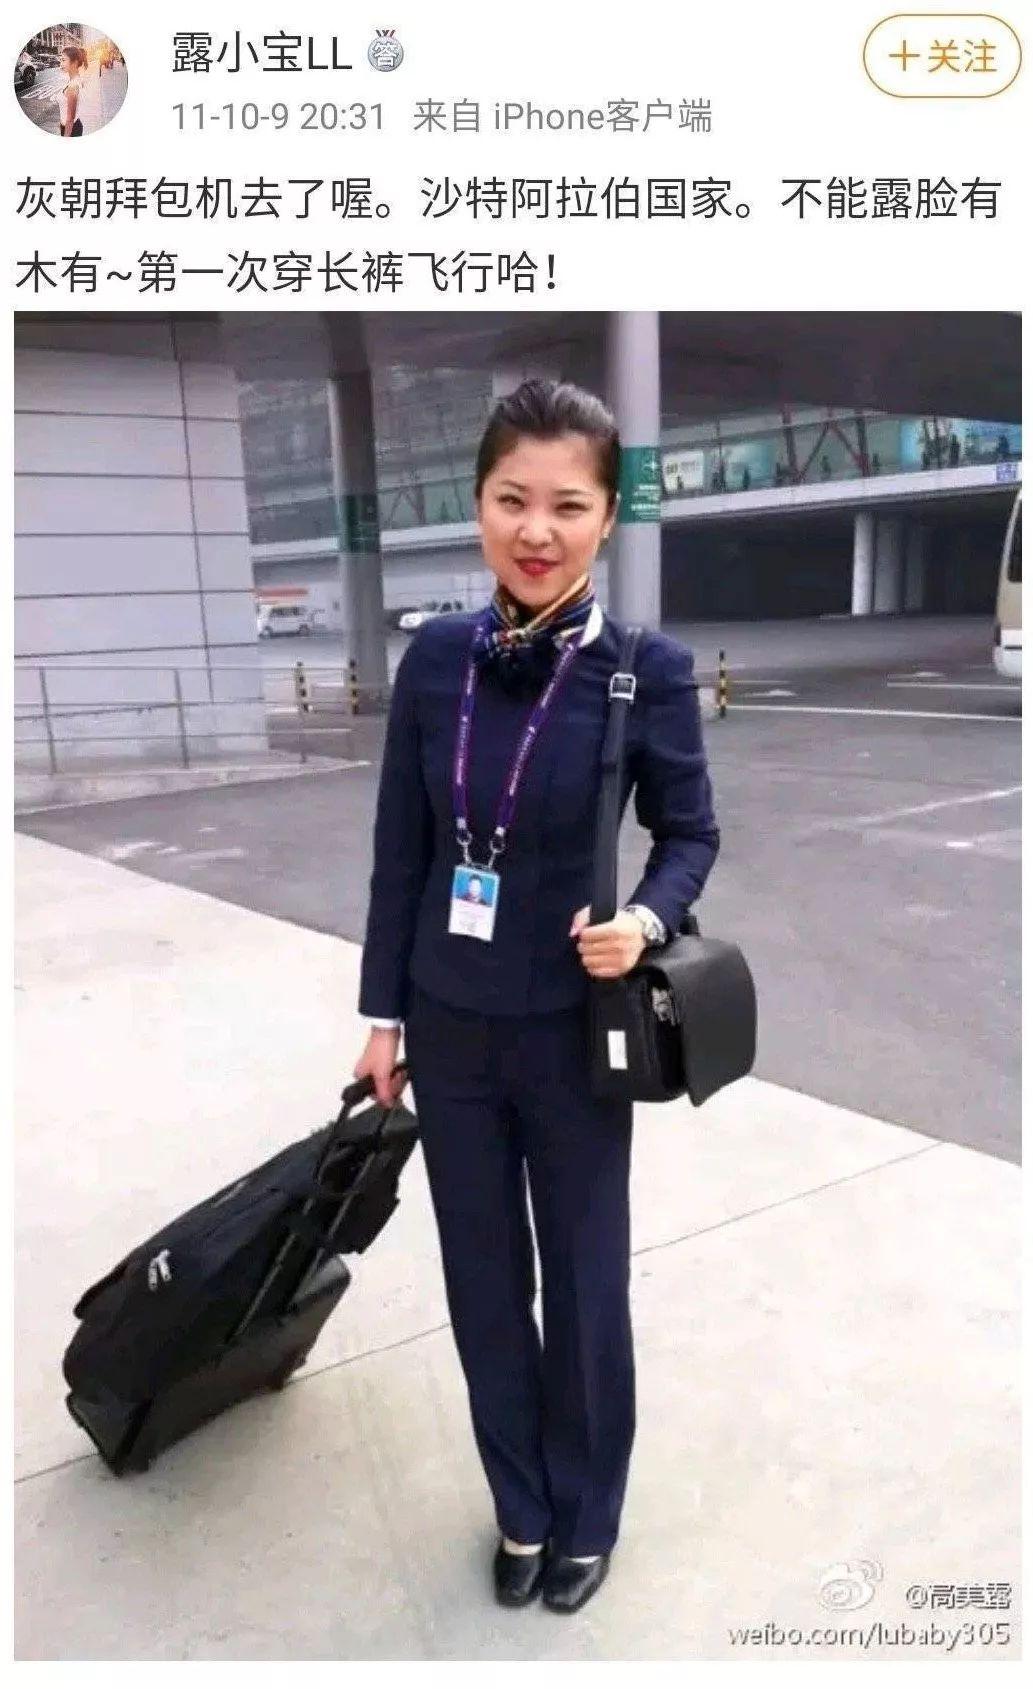 """网名""""露小宝LL""""的青年女子在微博上发布的照片。(Public Domain)"""